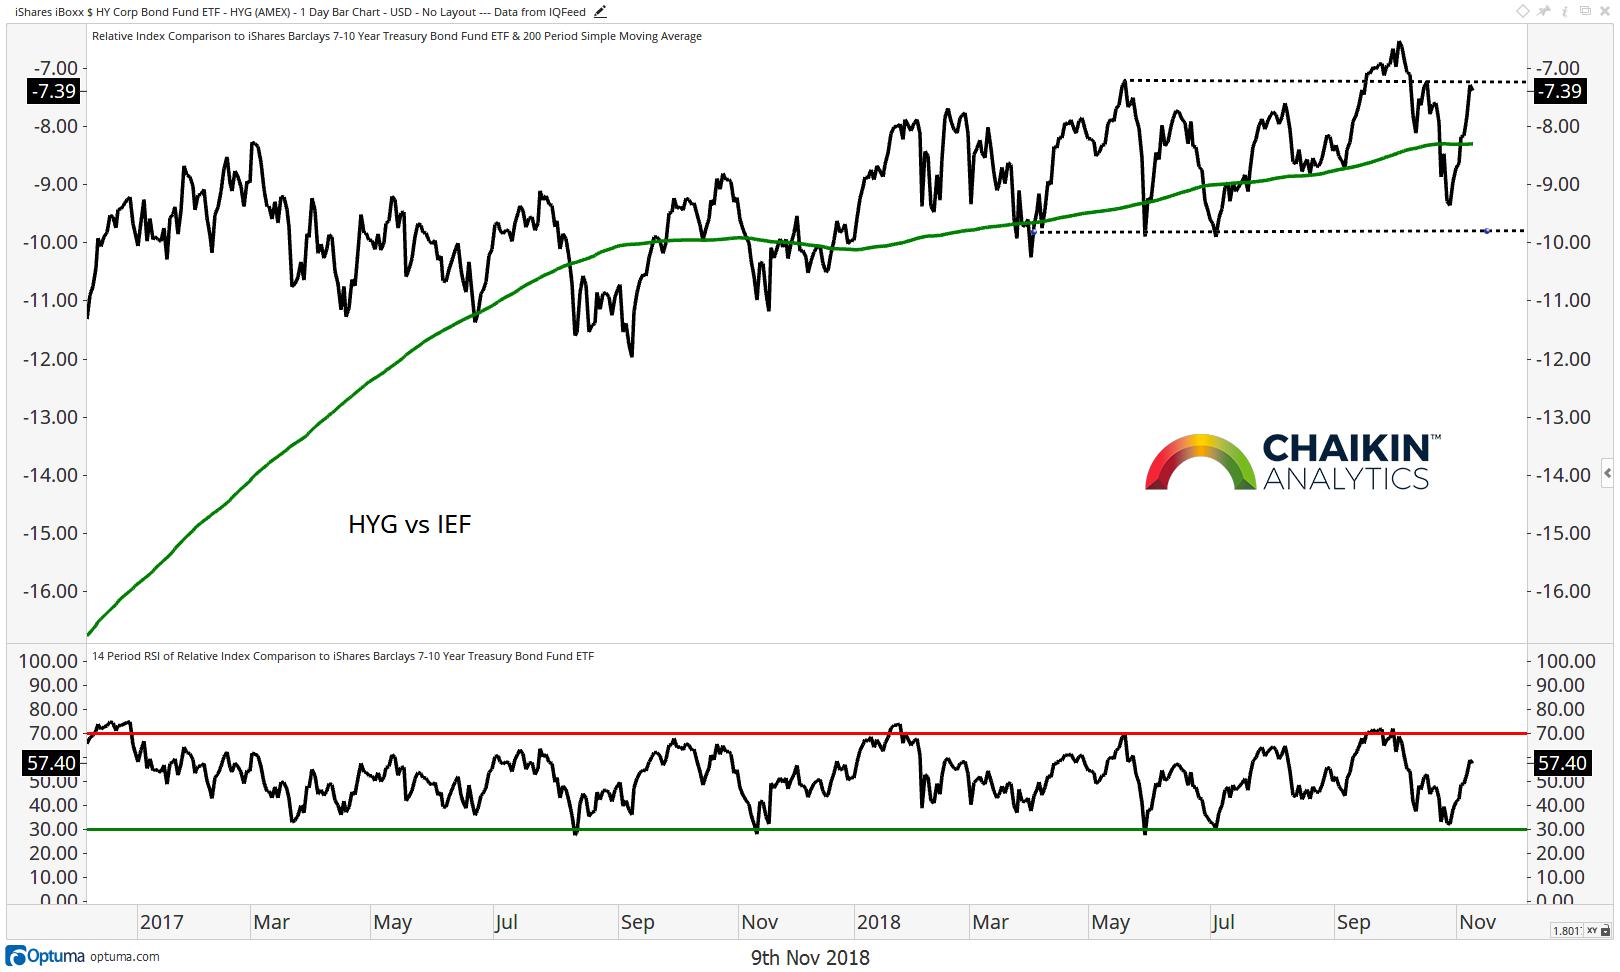 high yield versus treasury bonds performance investing returns year 2018_november 9